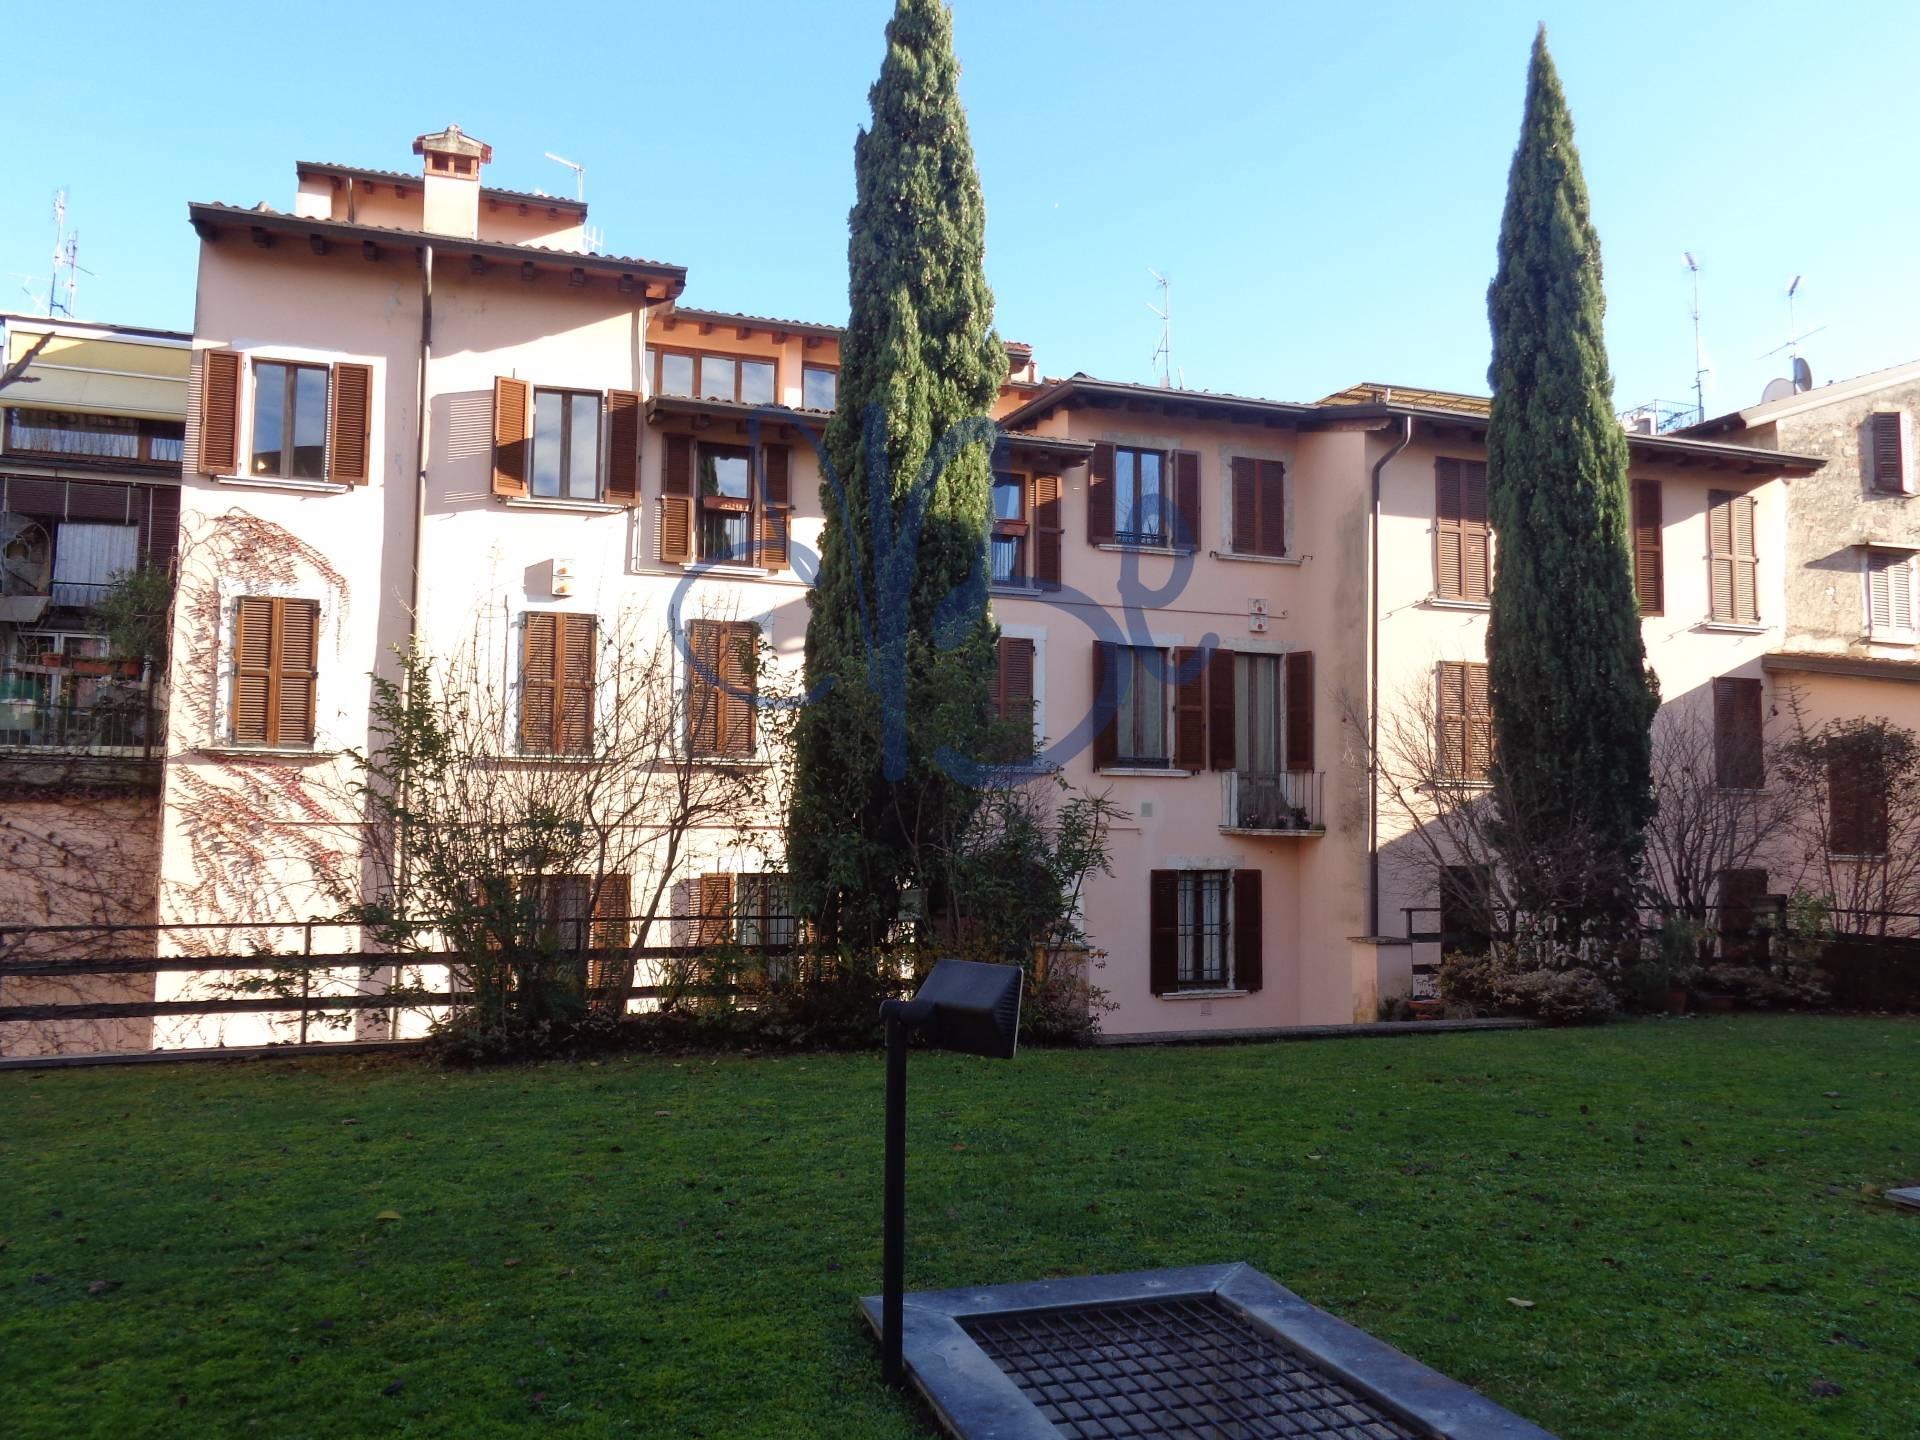 Appartamento in affitto a Salò, 6 locali, zona Località: Salò-Centro, prezzo € 1.300 | Cambio Casa.it